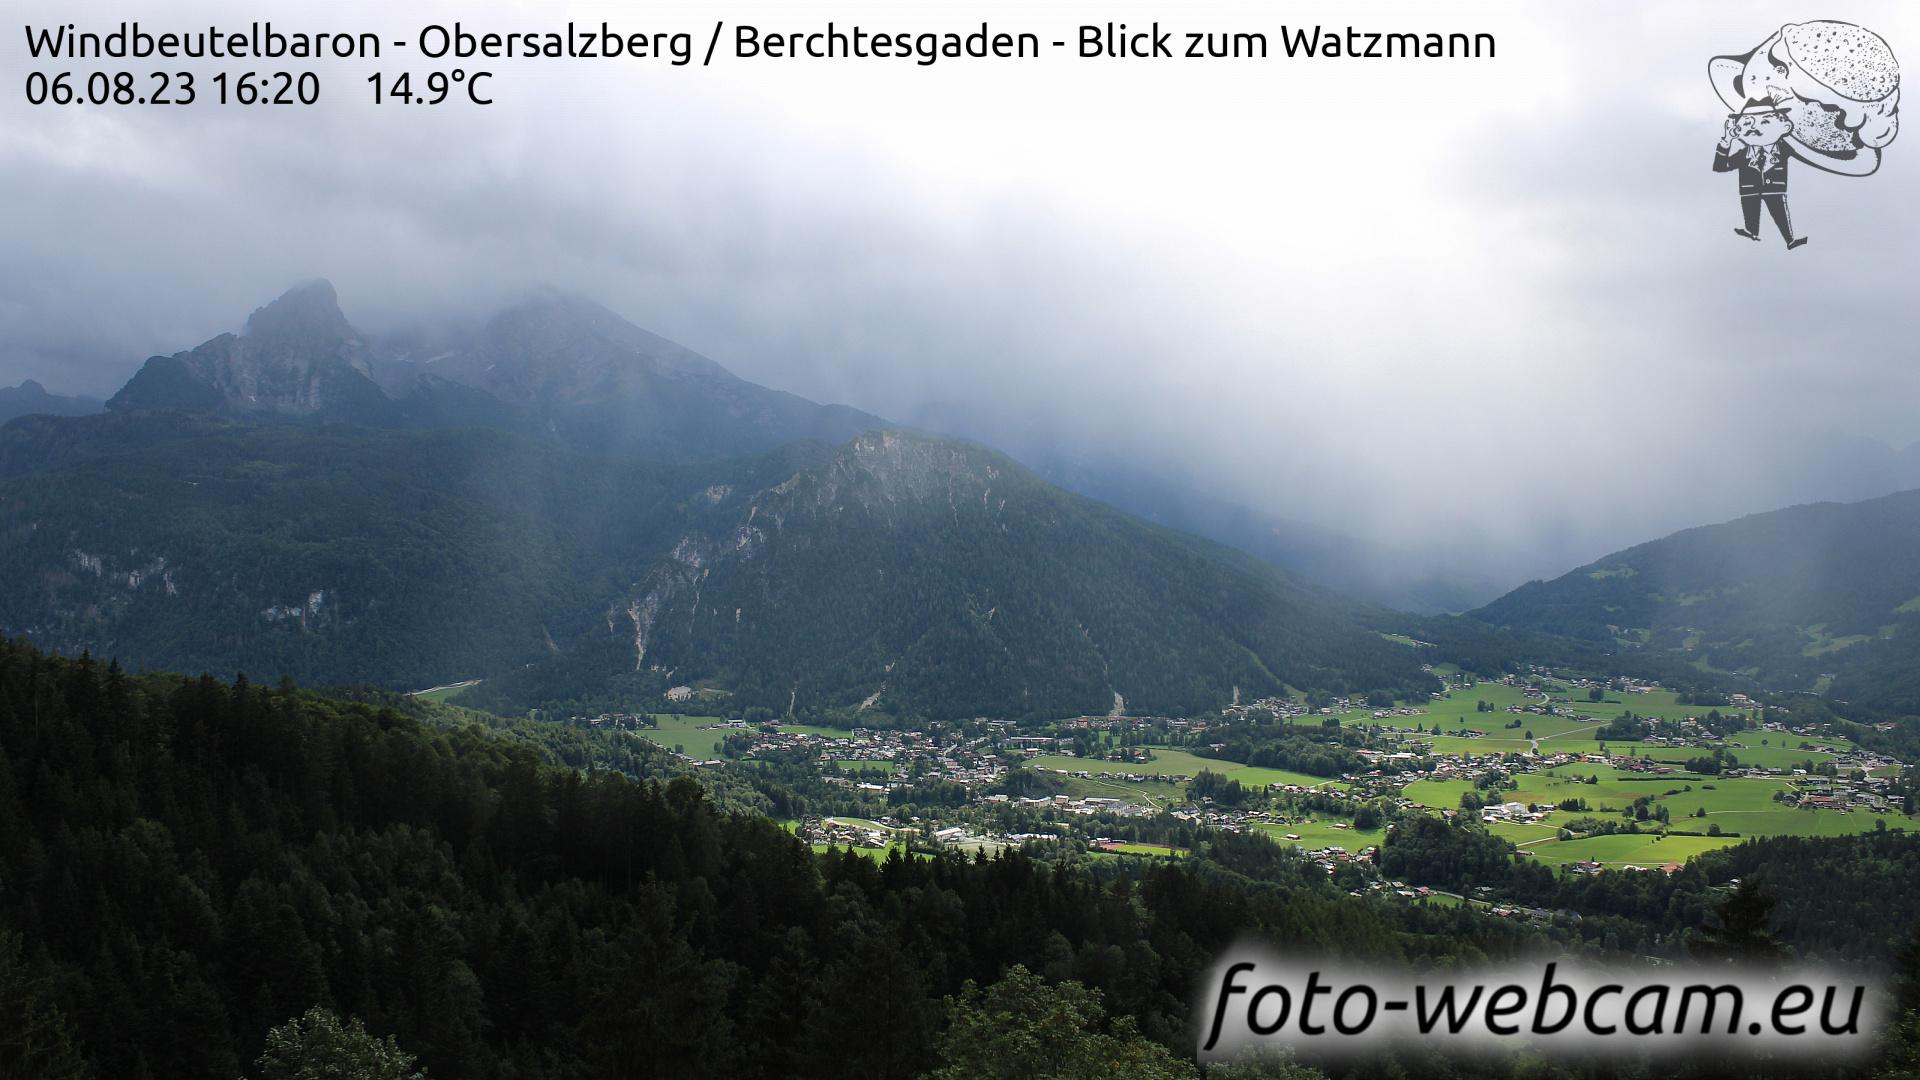 Berchtesgaden Sat. 16:32